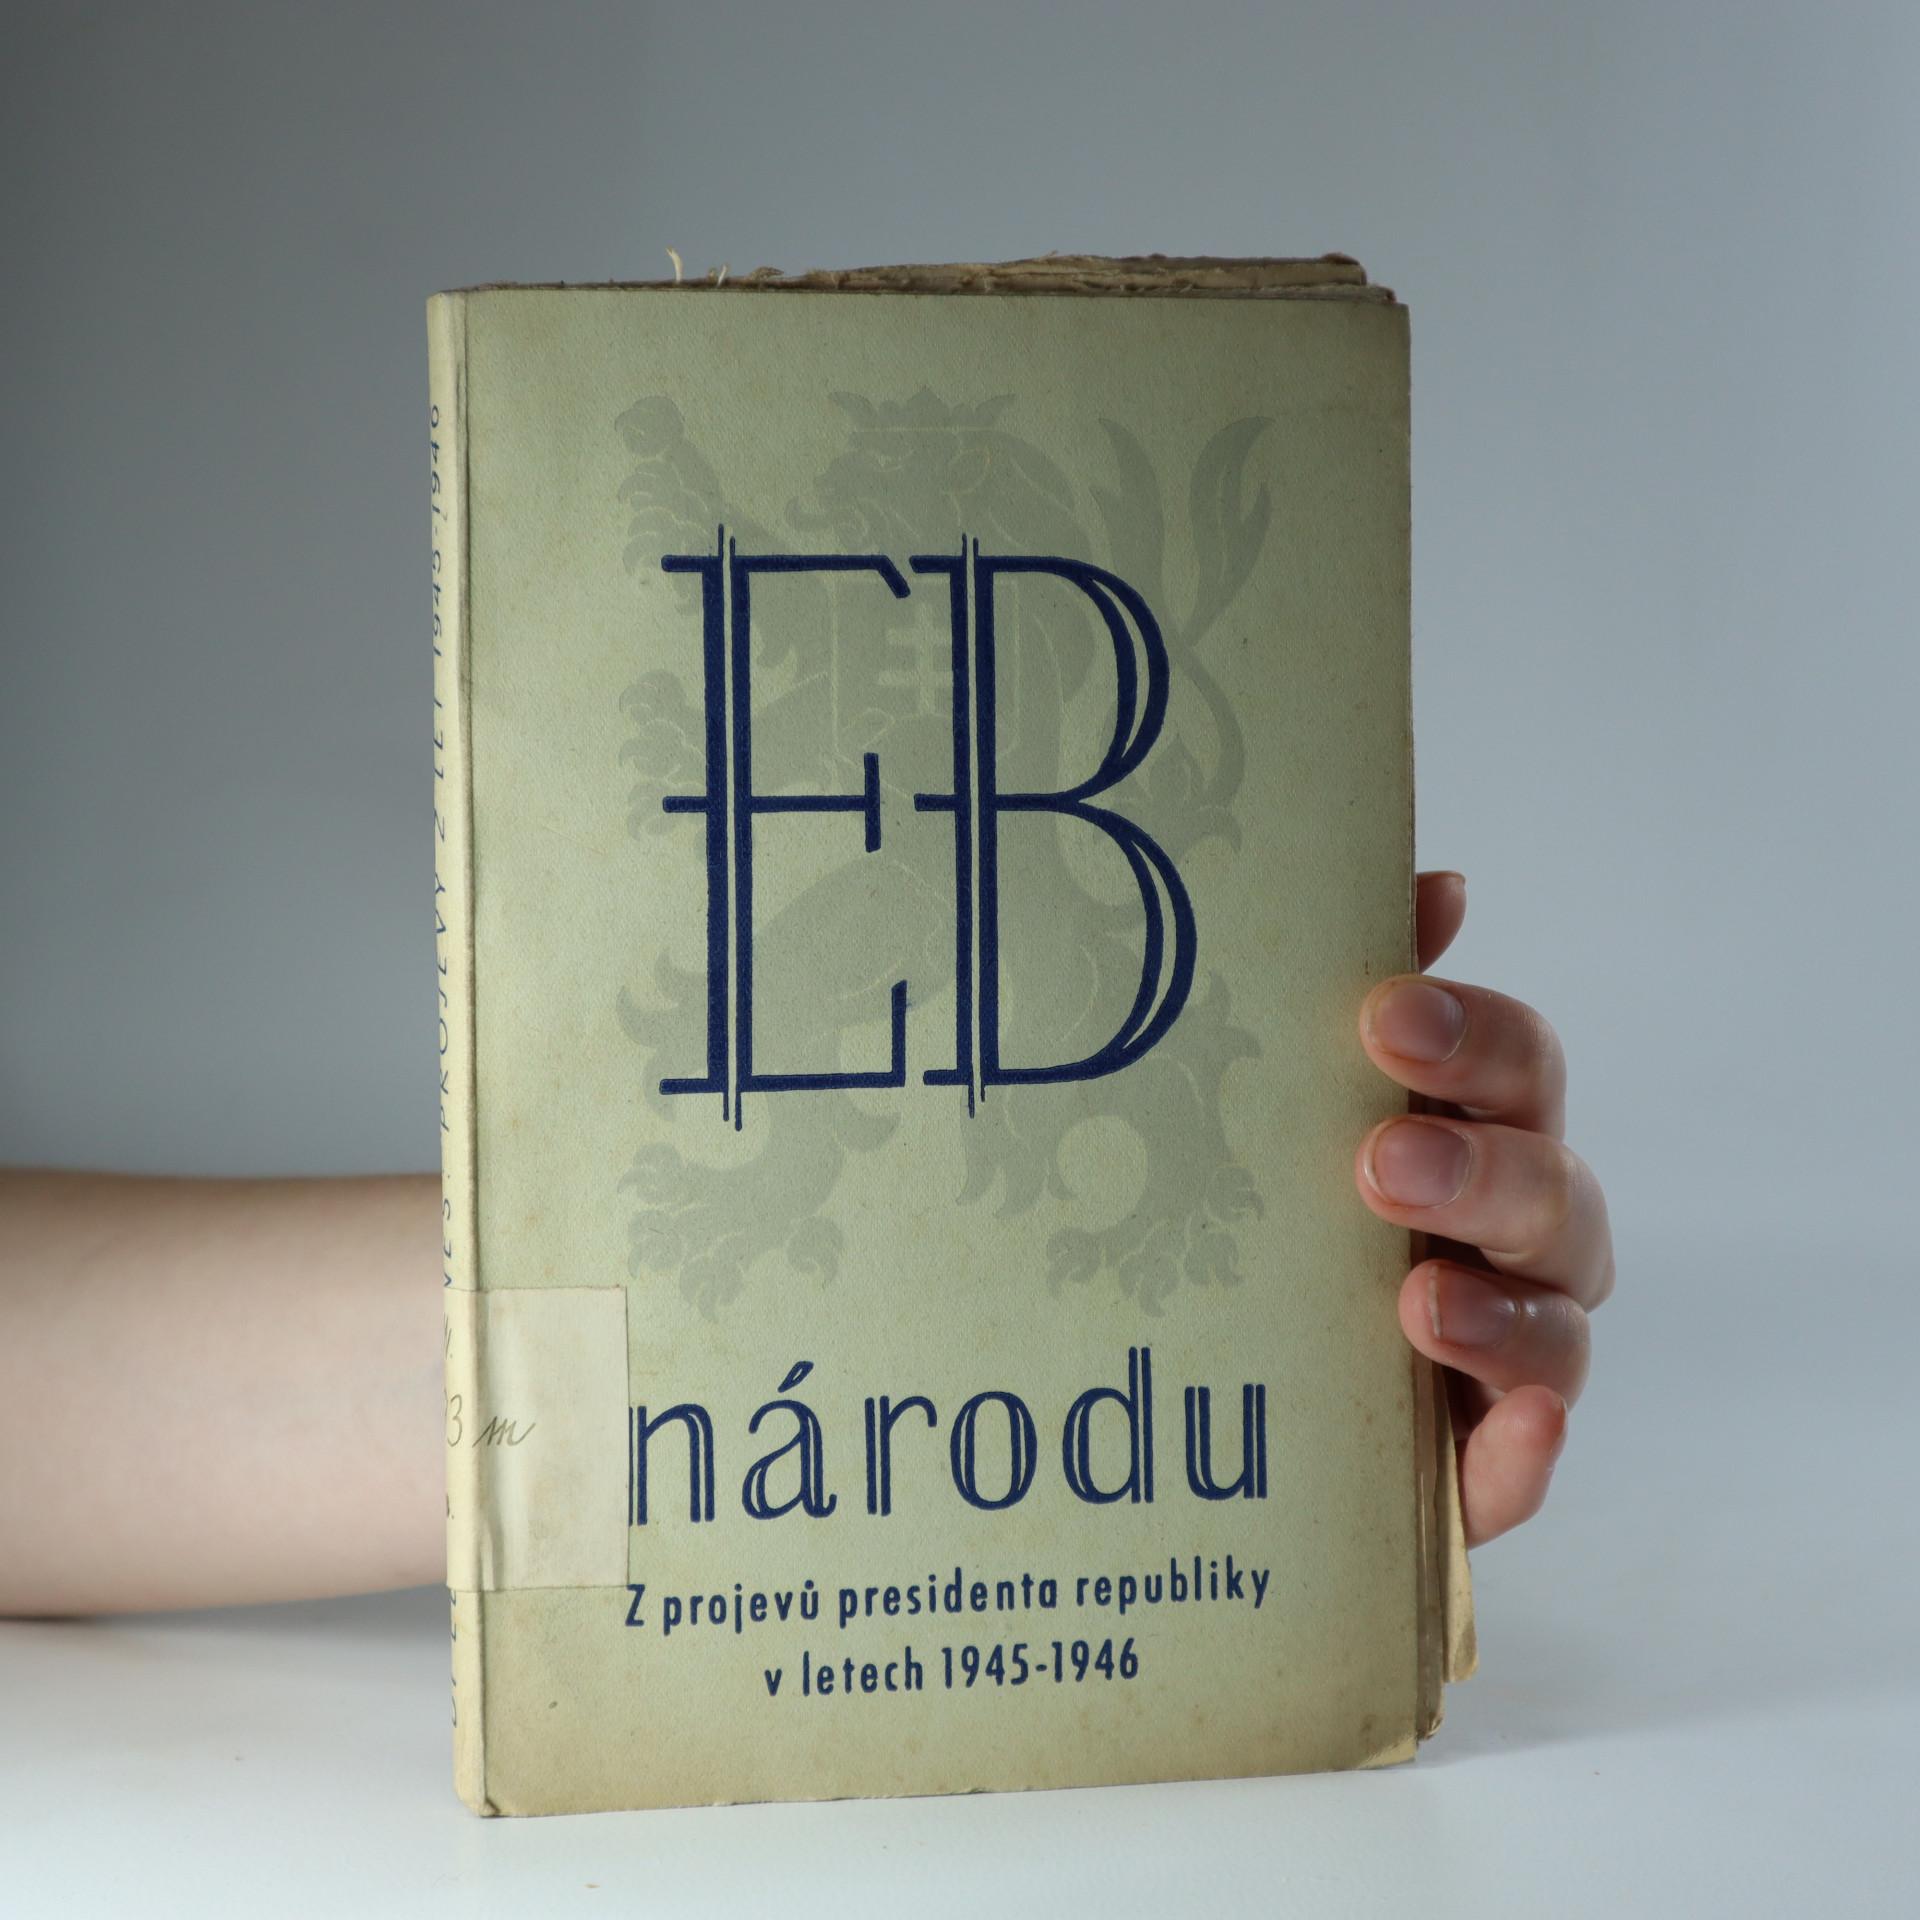 antikvární kniha E.B. národu. Z projevů presidenta republiky Dr. Edvarda Beneše v letech 1945-46., 1946